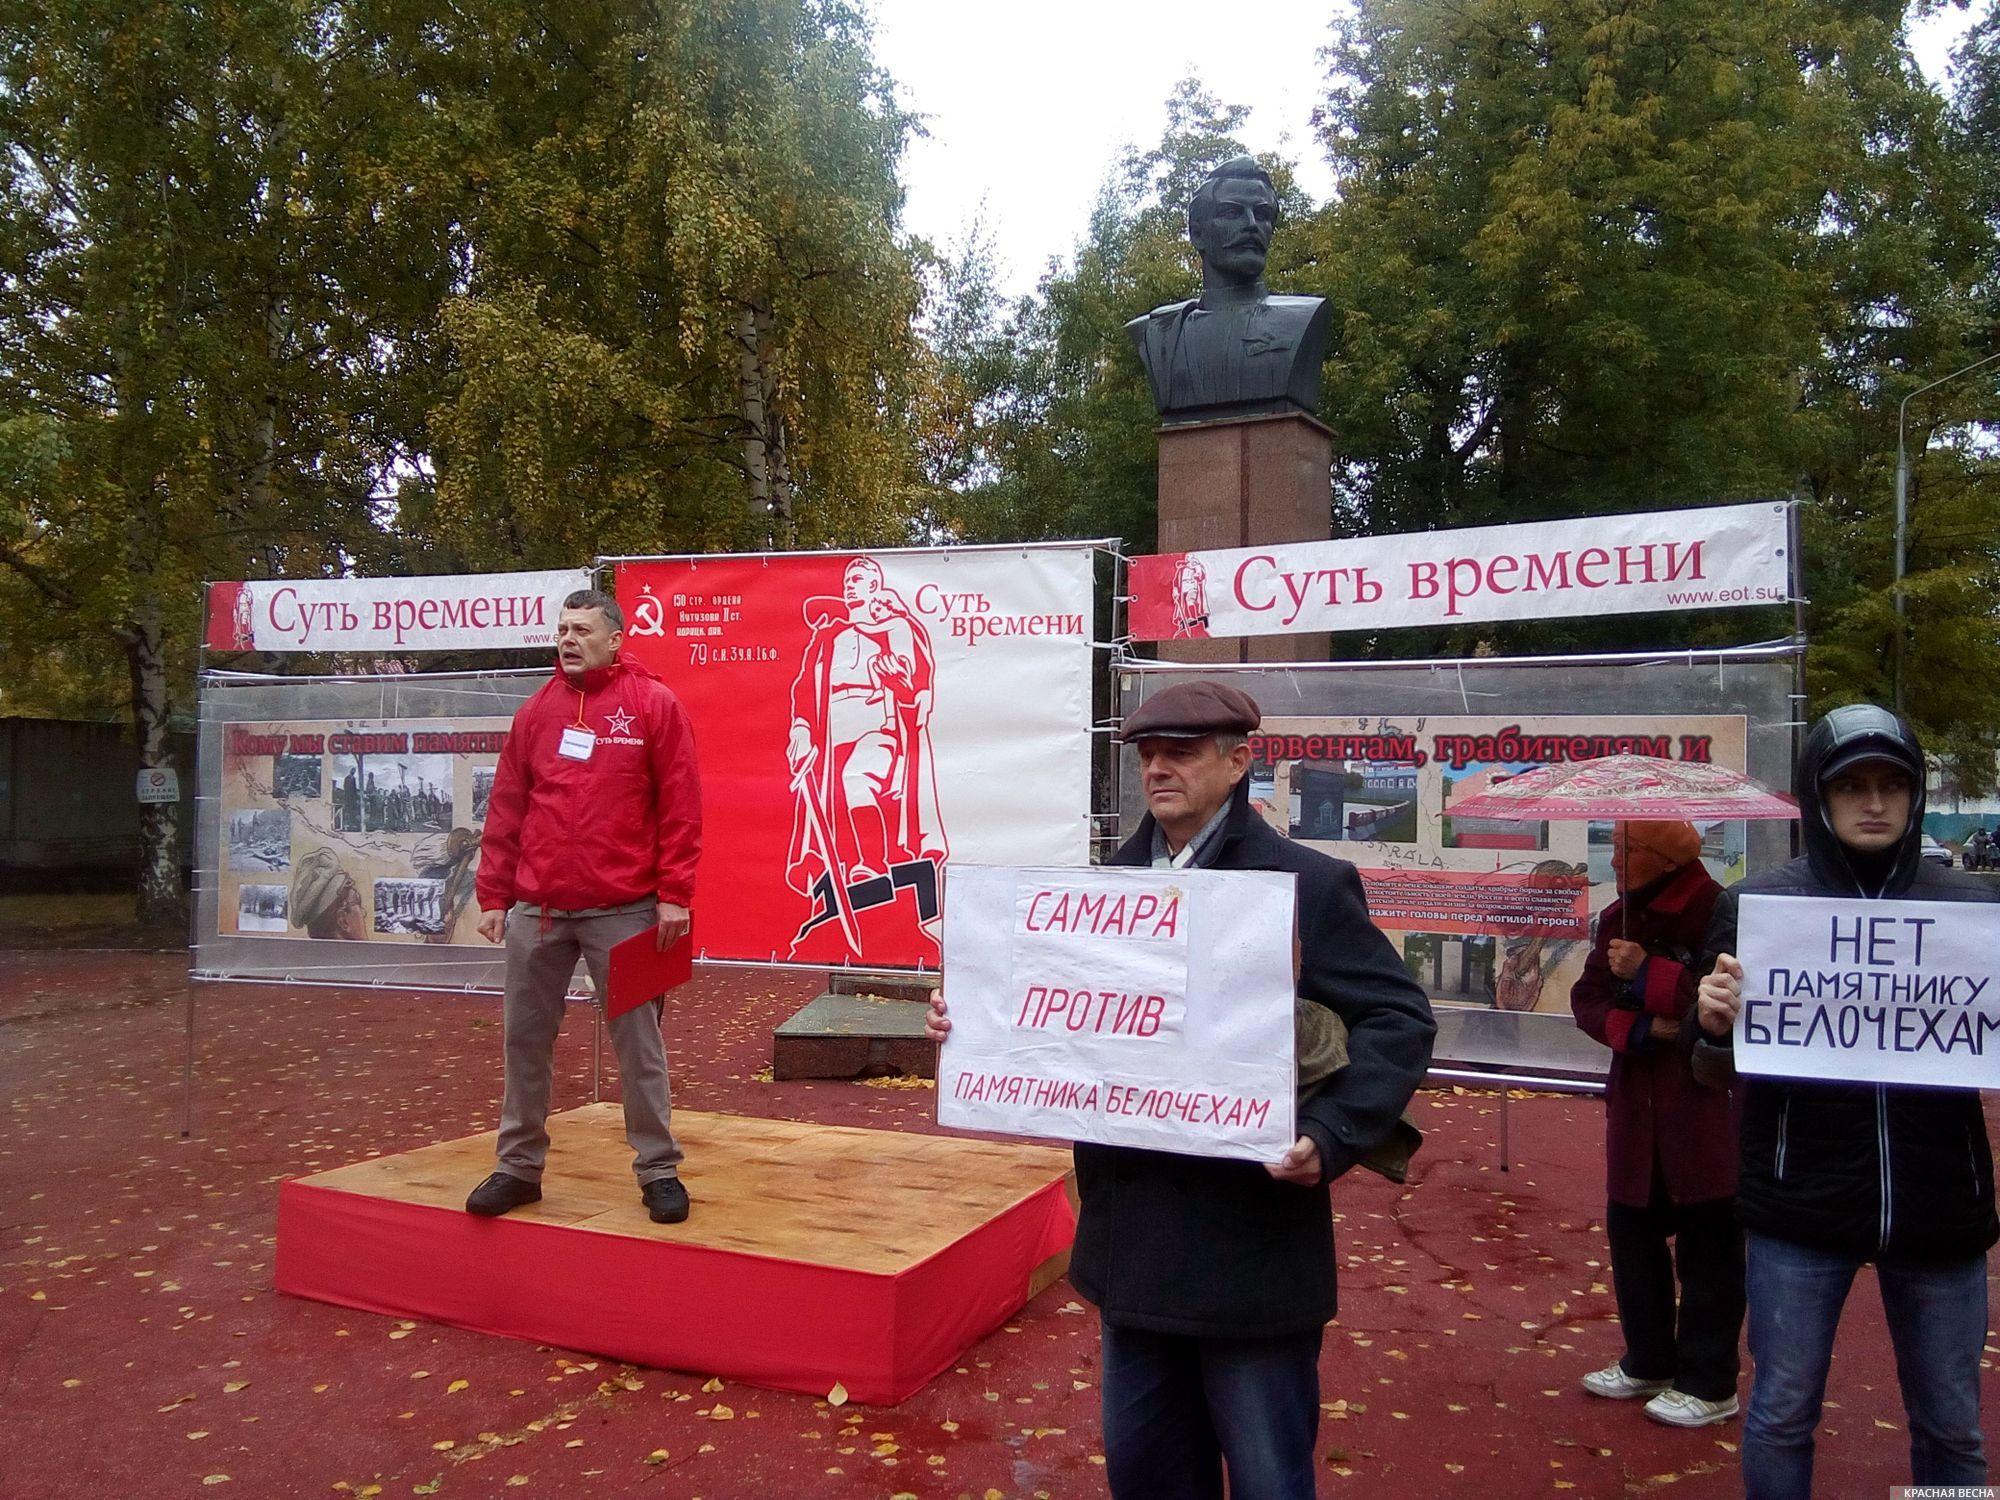 20171007_11-01-В Самаре проходит пикет против установки памятника белочехам-pic2.